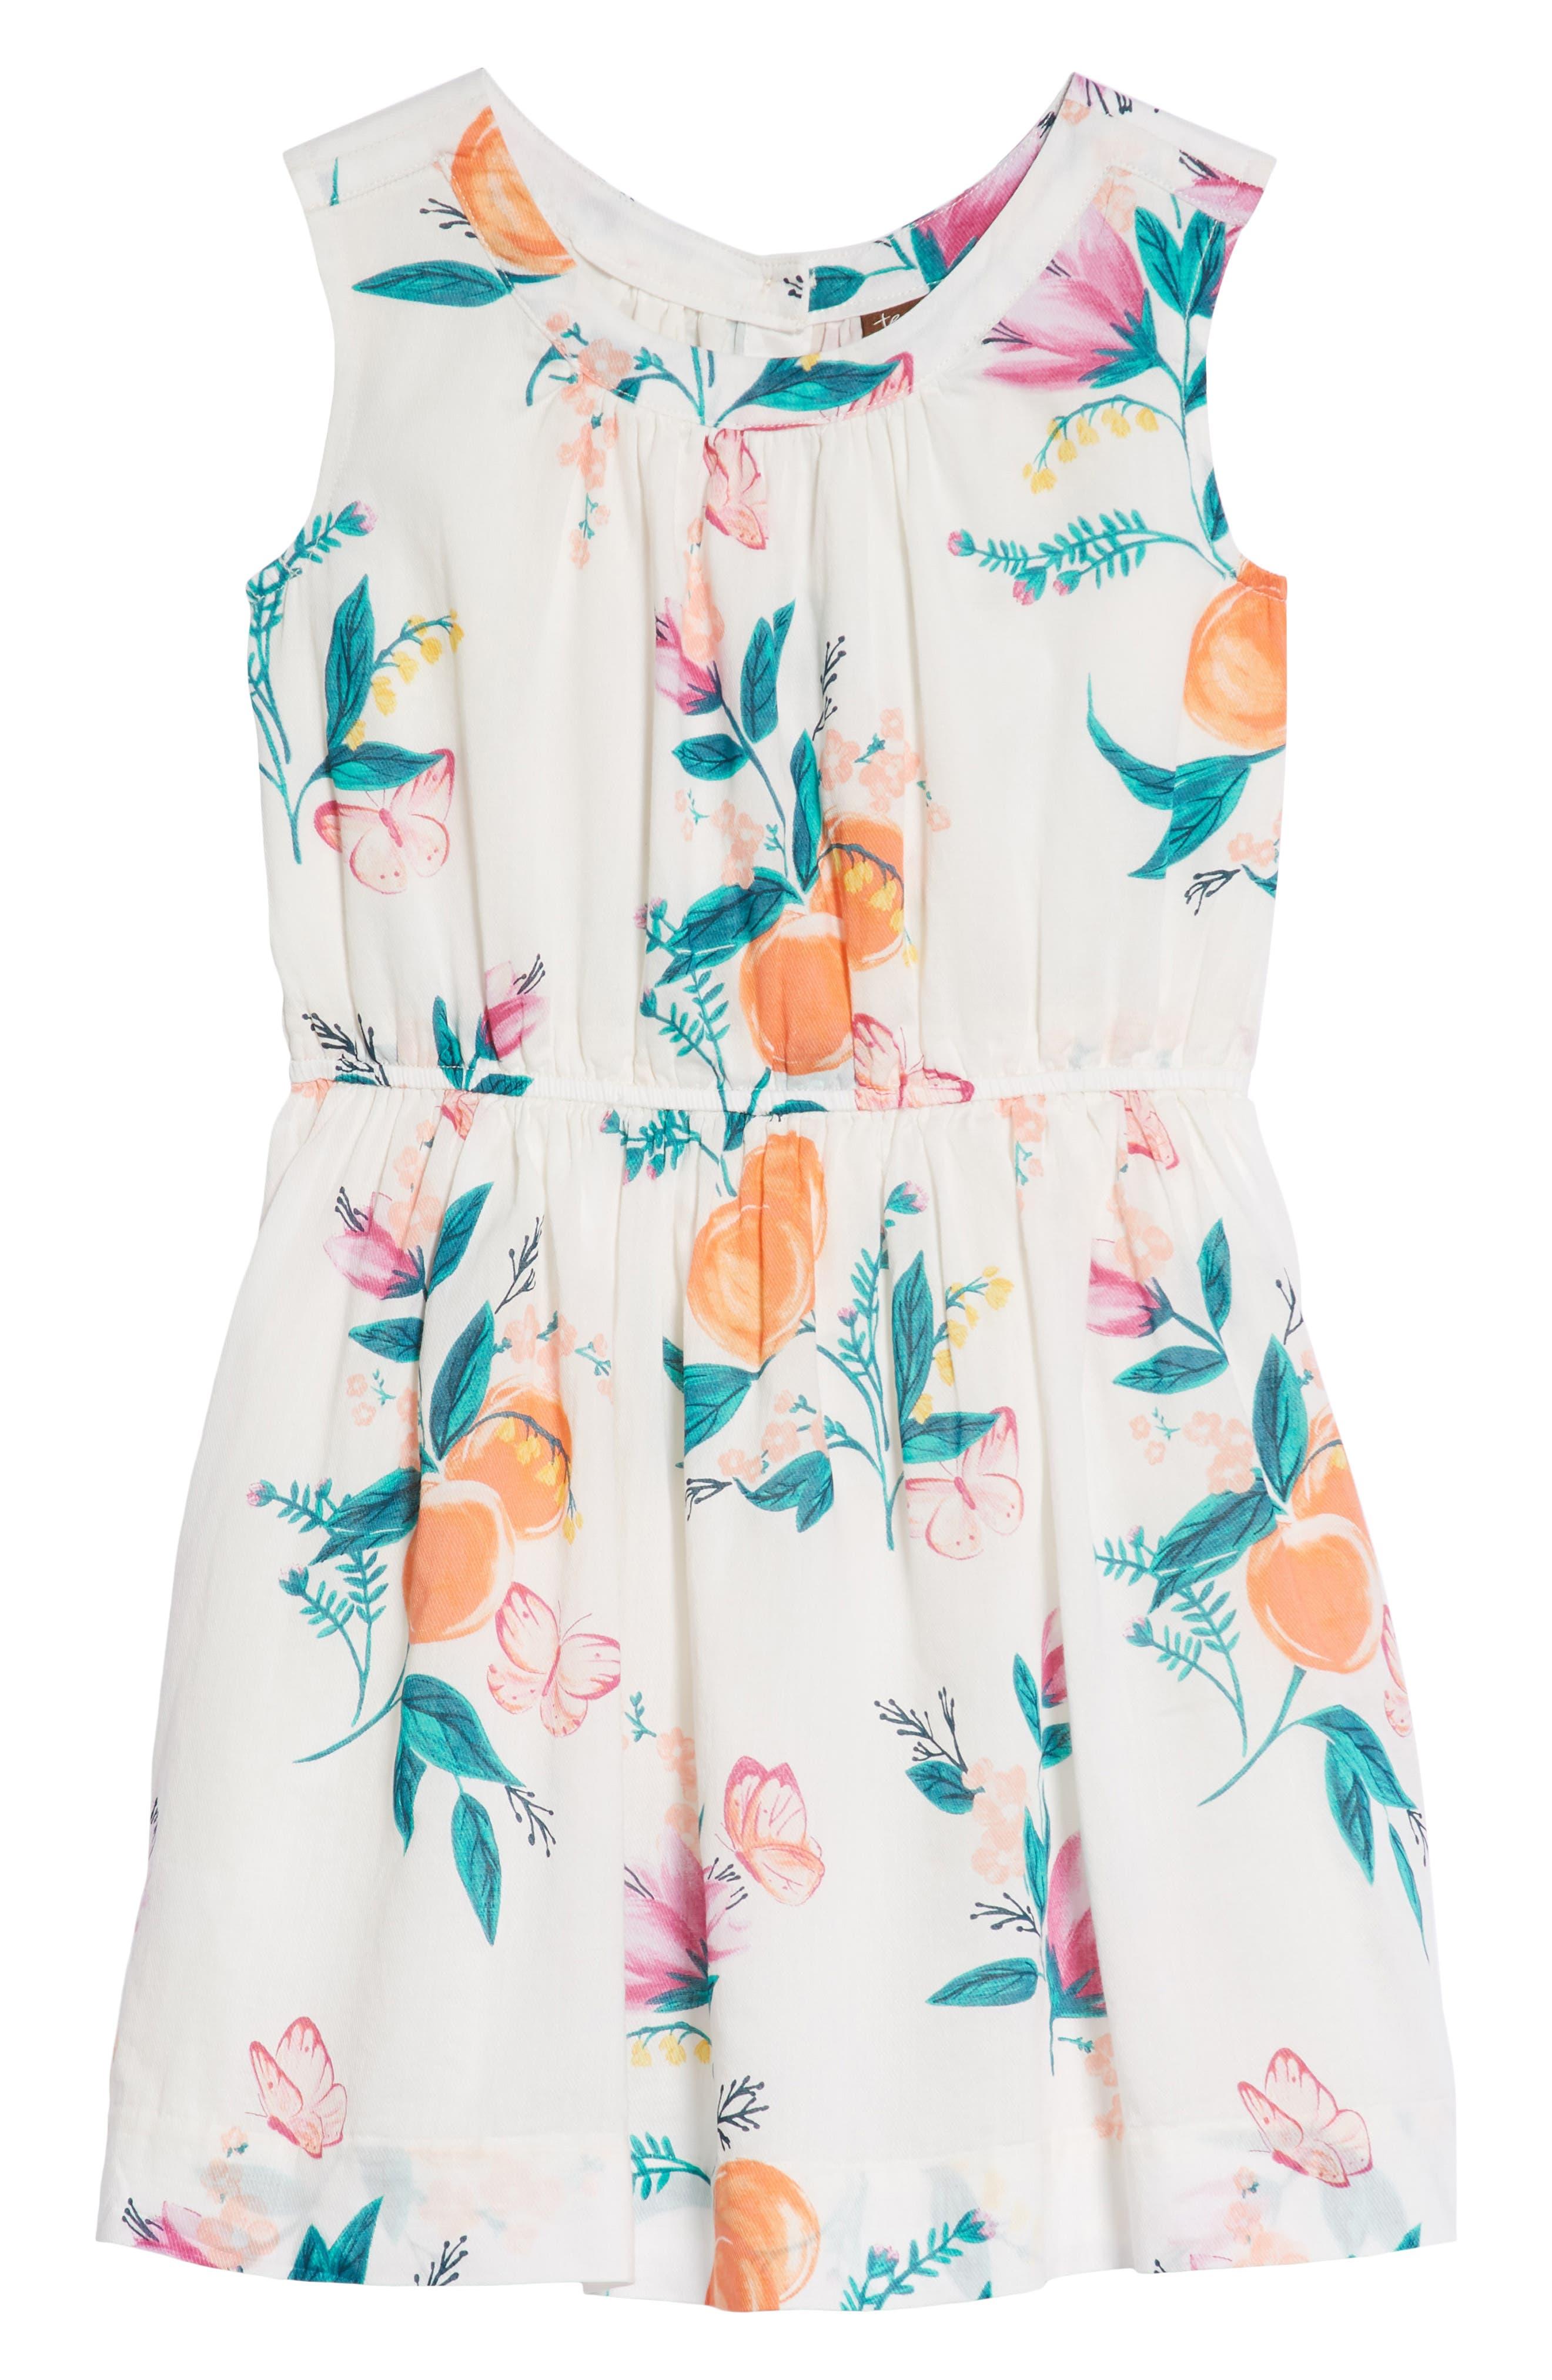 Peach Flower Dress,                             Main thumbnail 1, color,                             Georgia Peach